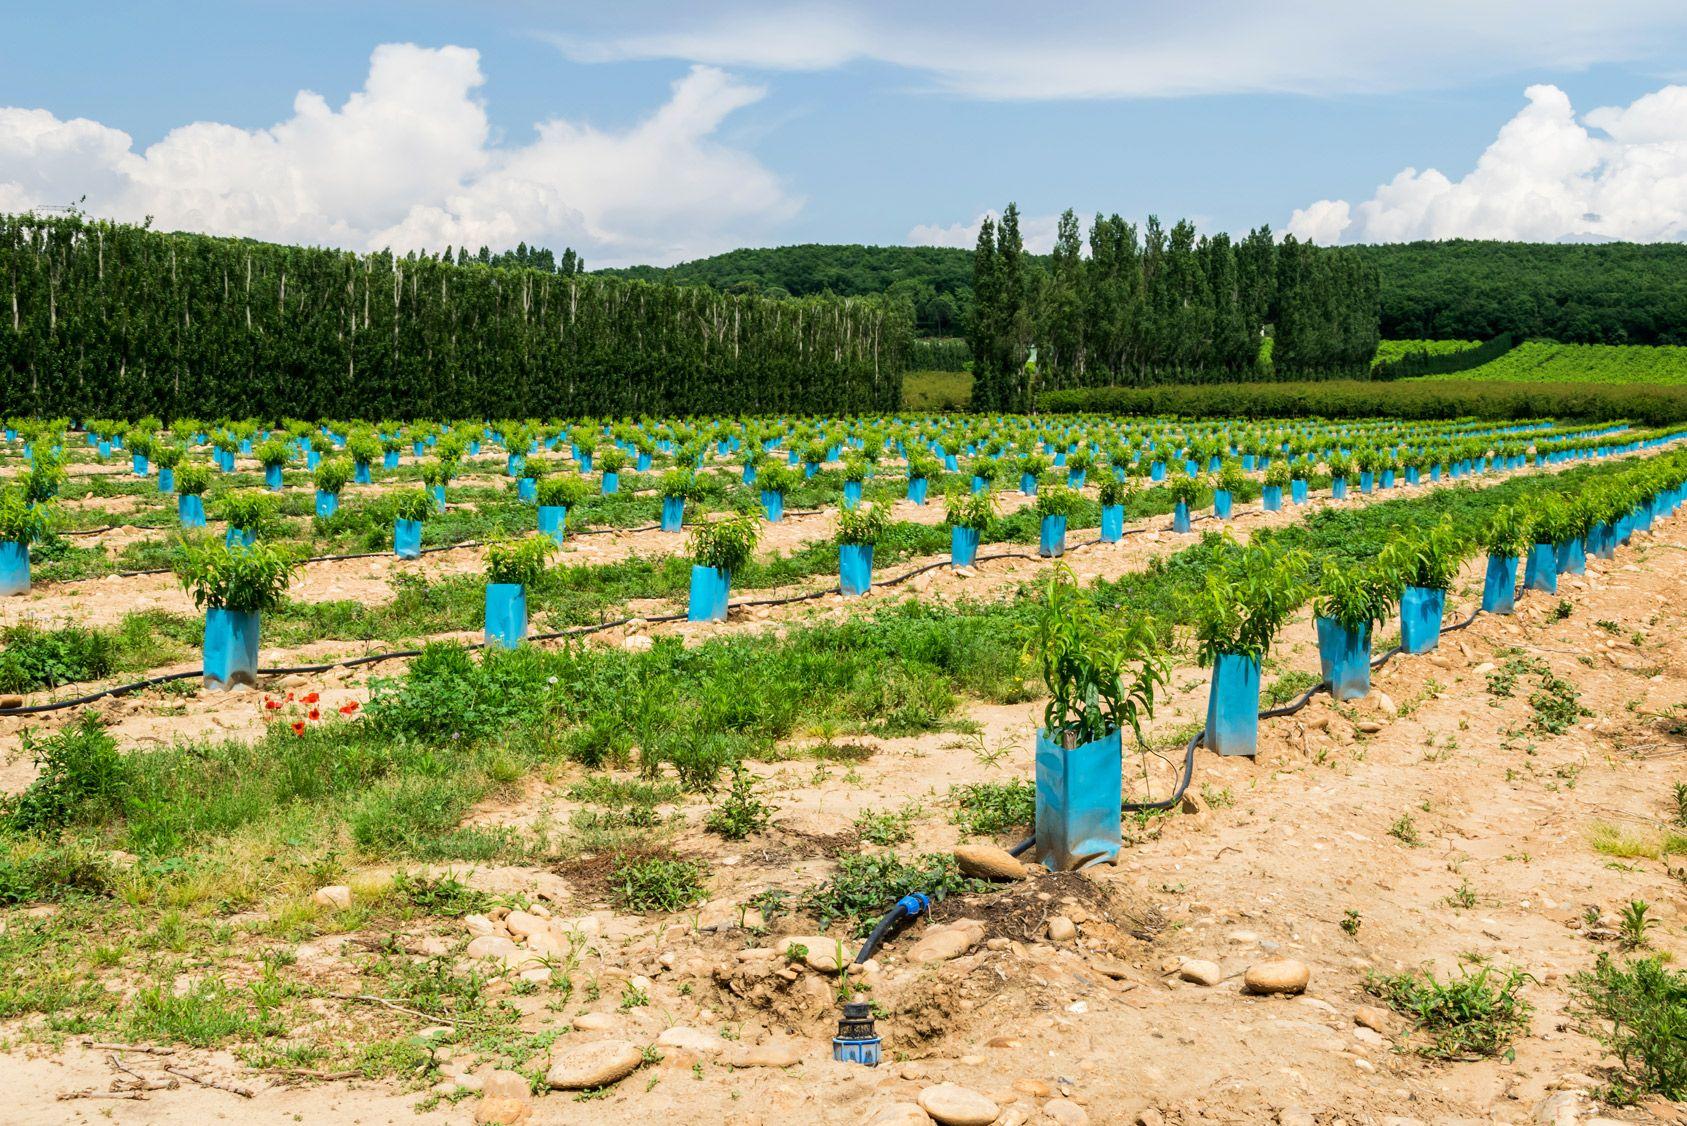 Voisinage: On a planté des arbres sur mon terrain!